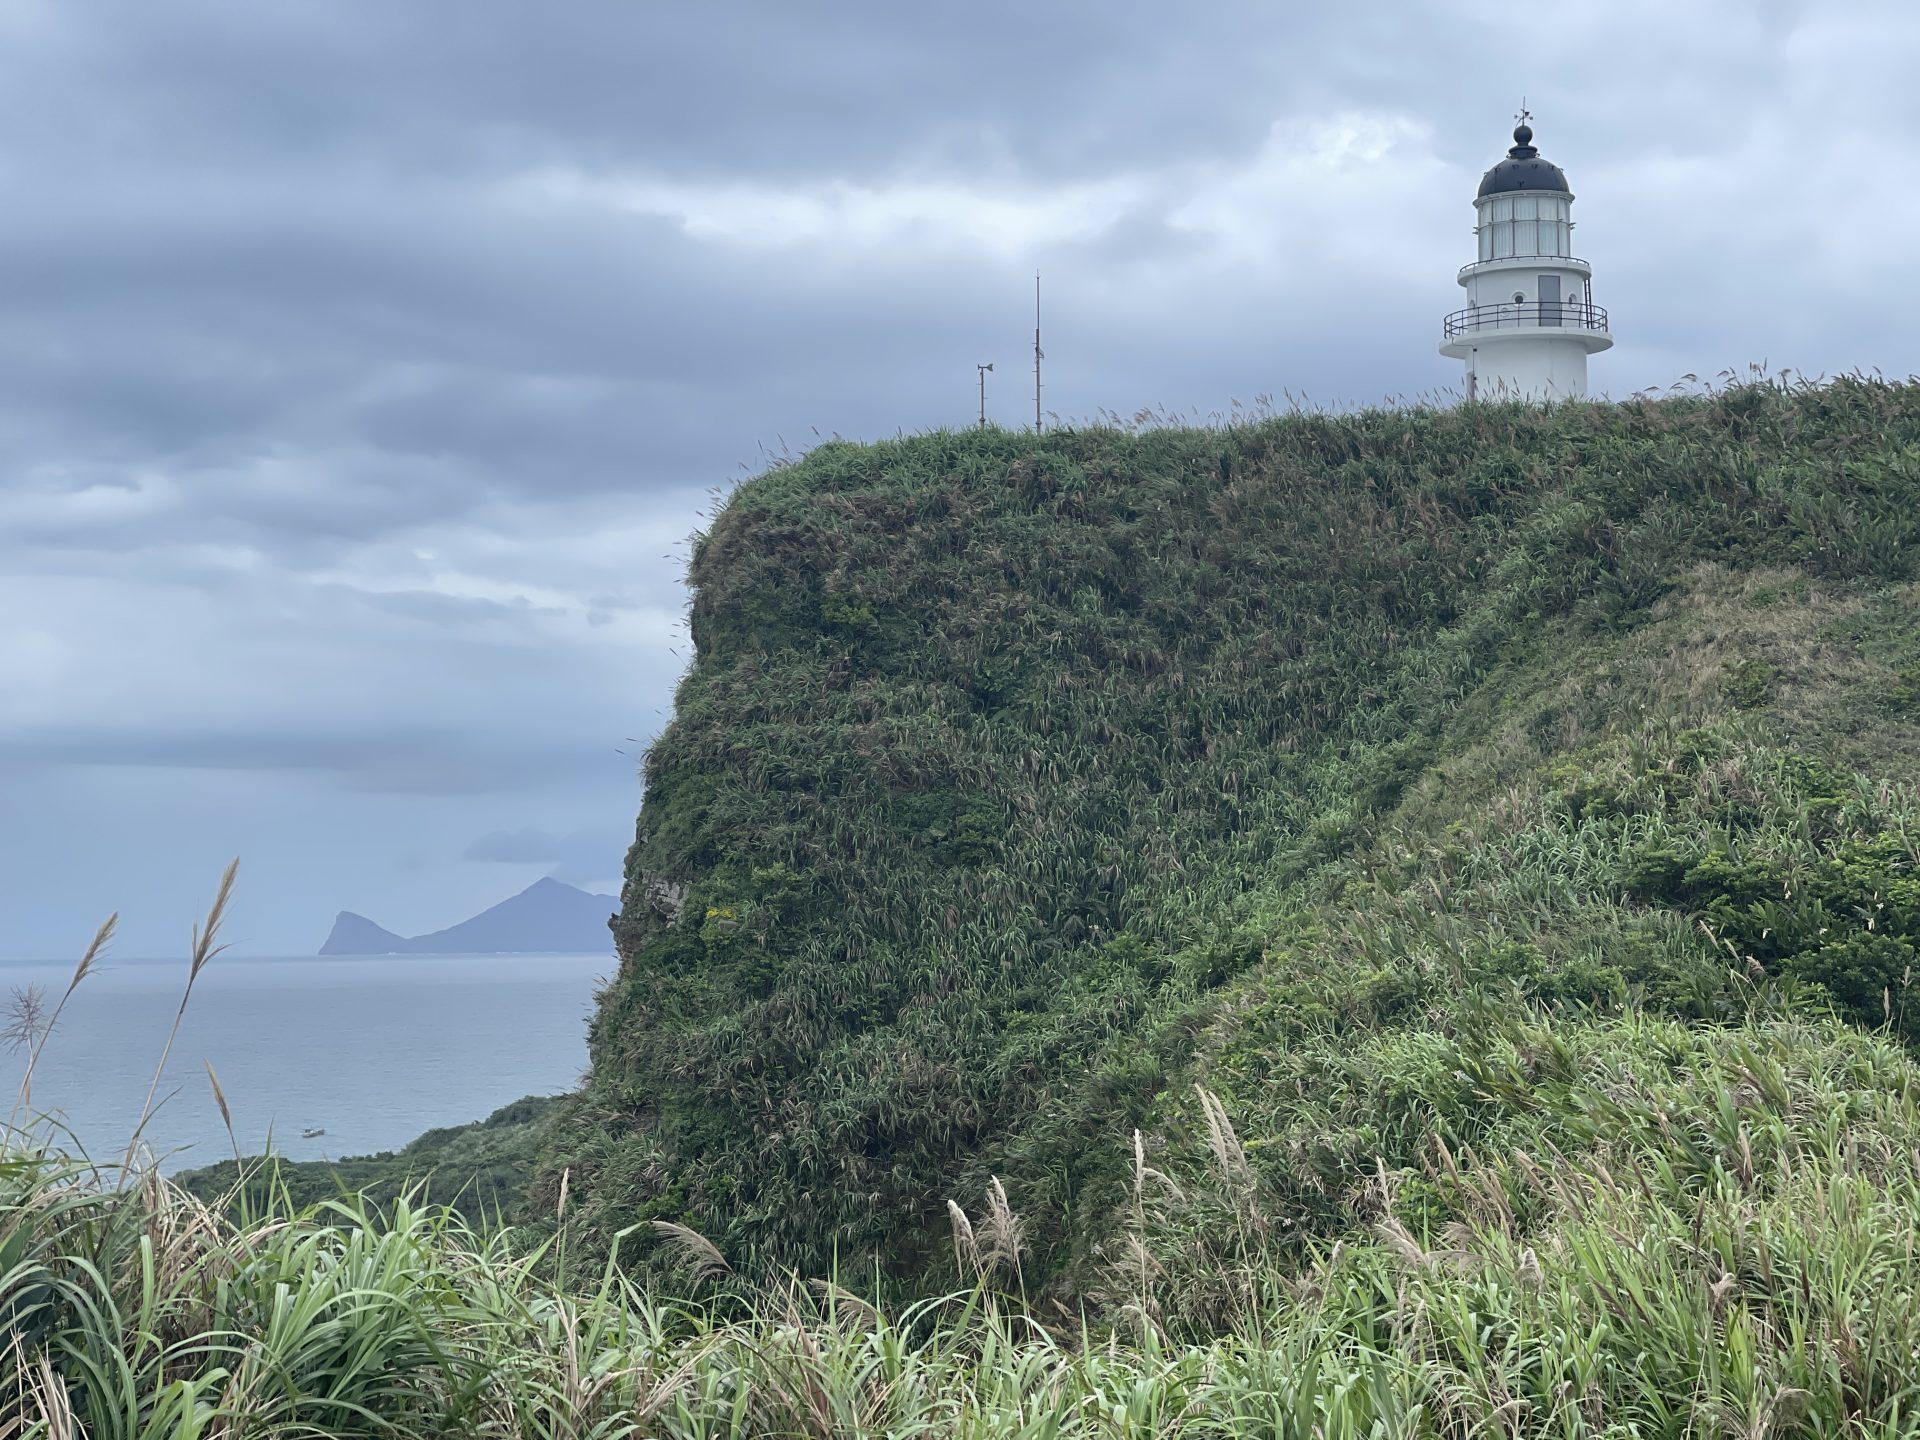 馬崗位於台灣最東邊,站在台灣最東處的角落,是可以直接眺望到龜山島的,而這裡也是每年跨年迎接台灣第一道曙光的聖地。